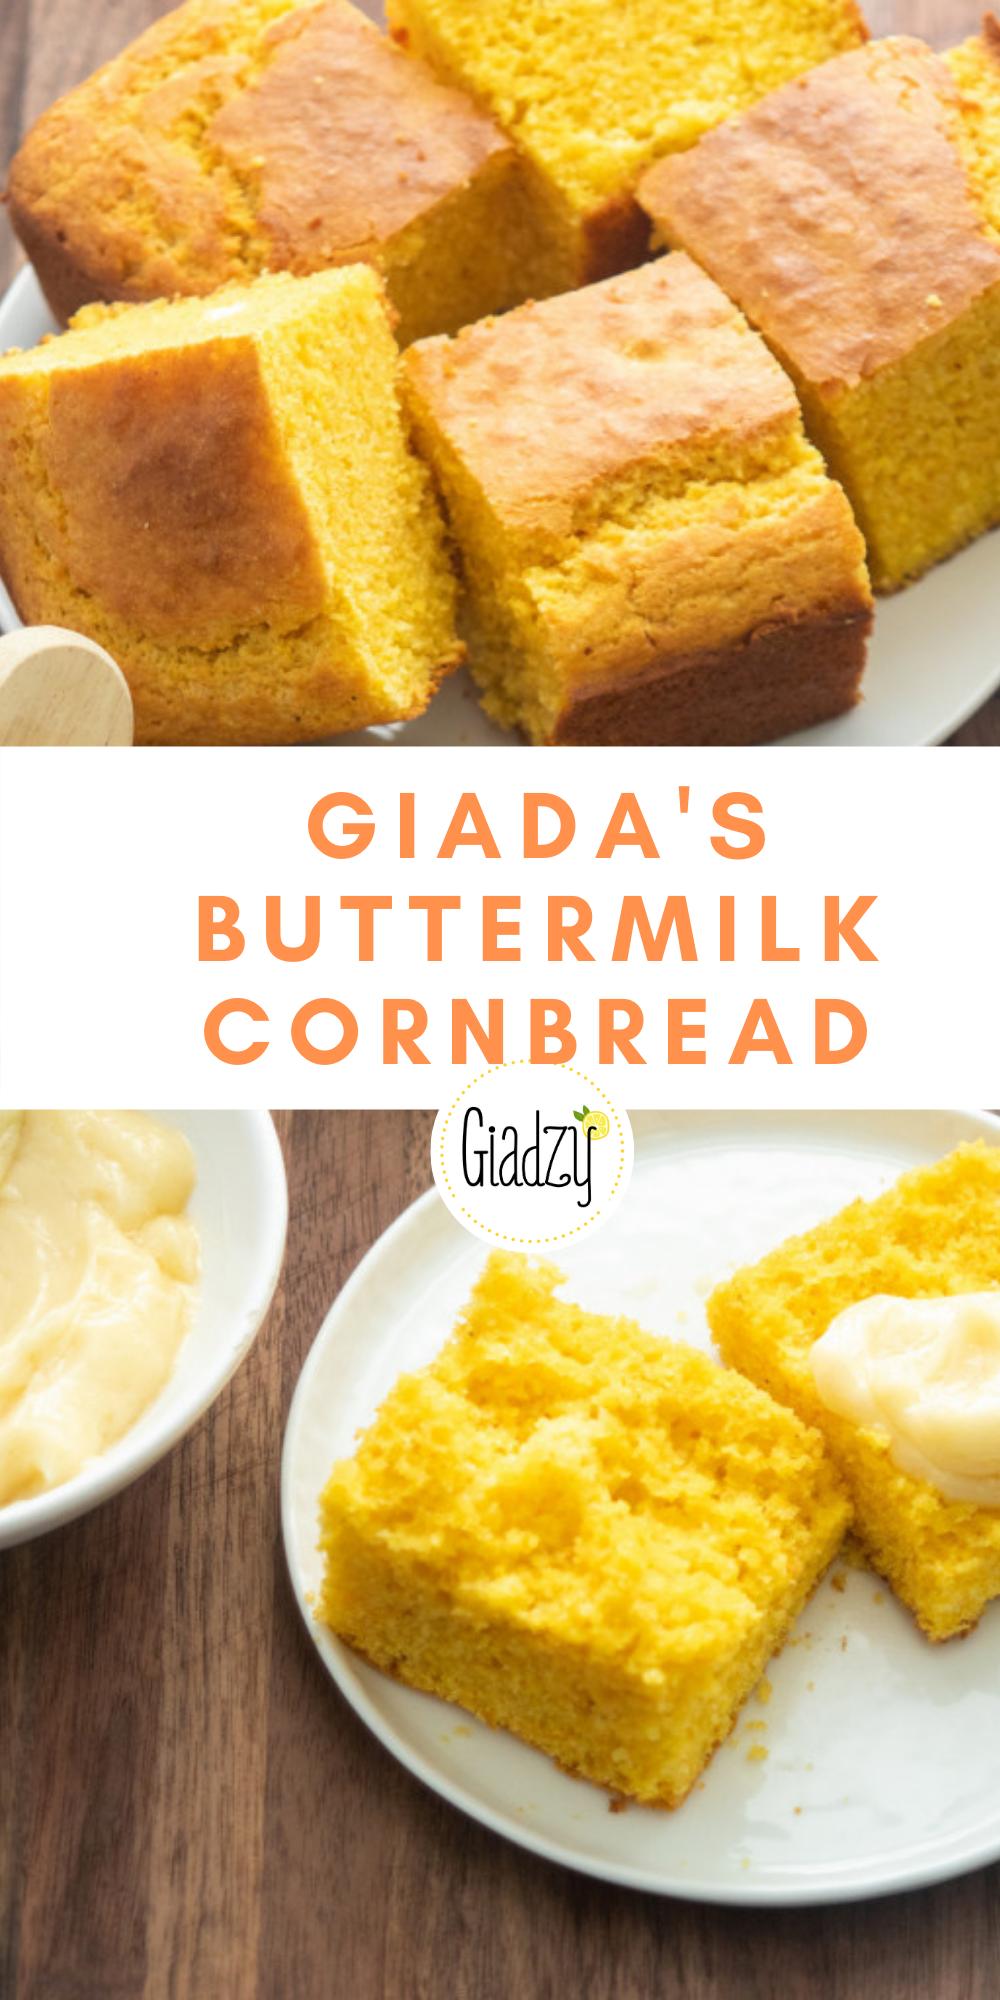 Giada S Buttermilk Cornbread Giadzy Recipe In 2020 Bread Recipes Sweet Bread Recipes Homemade Best Bread Recipe